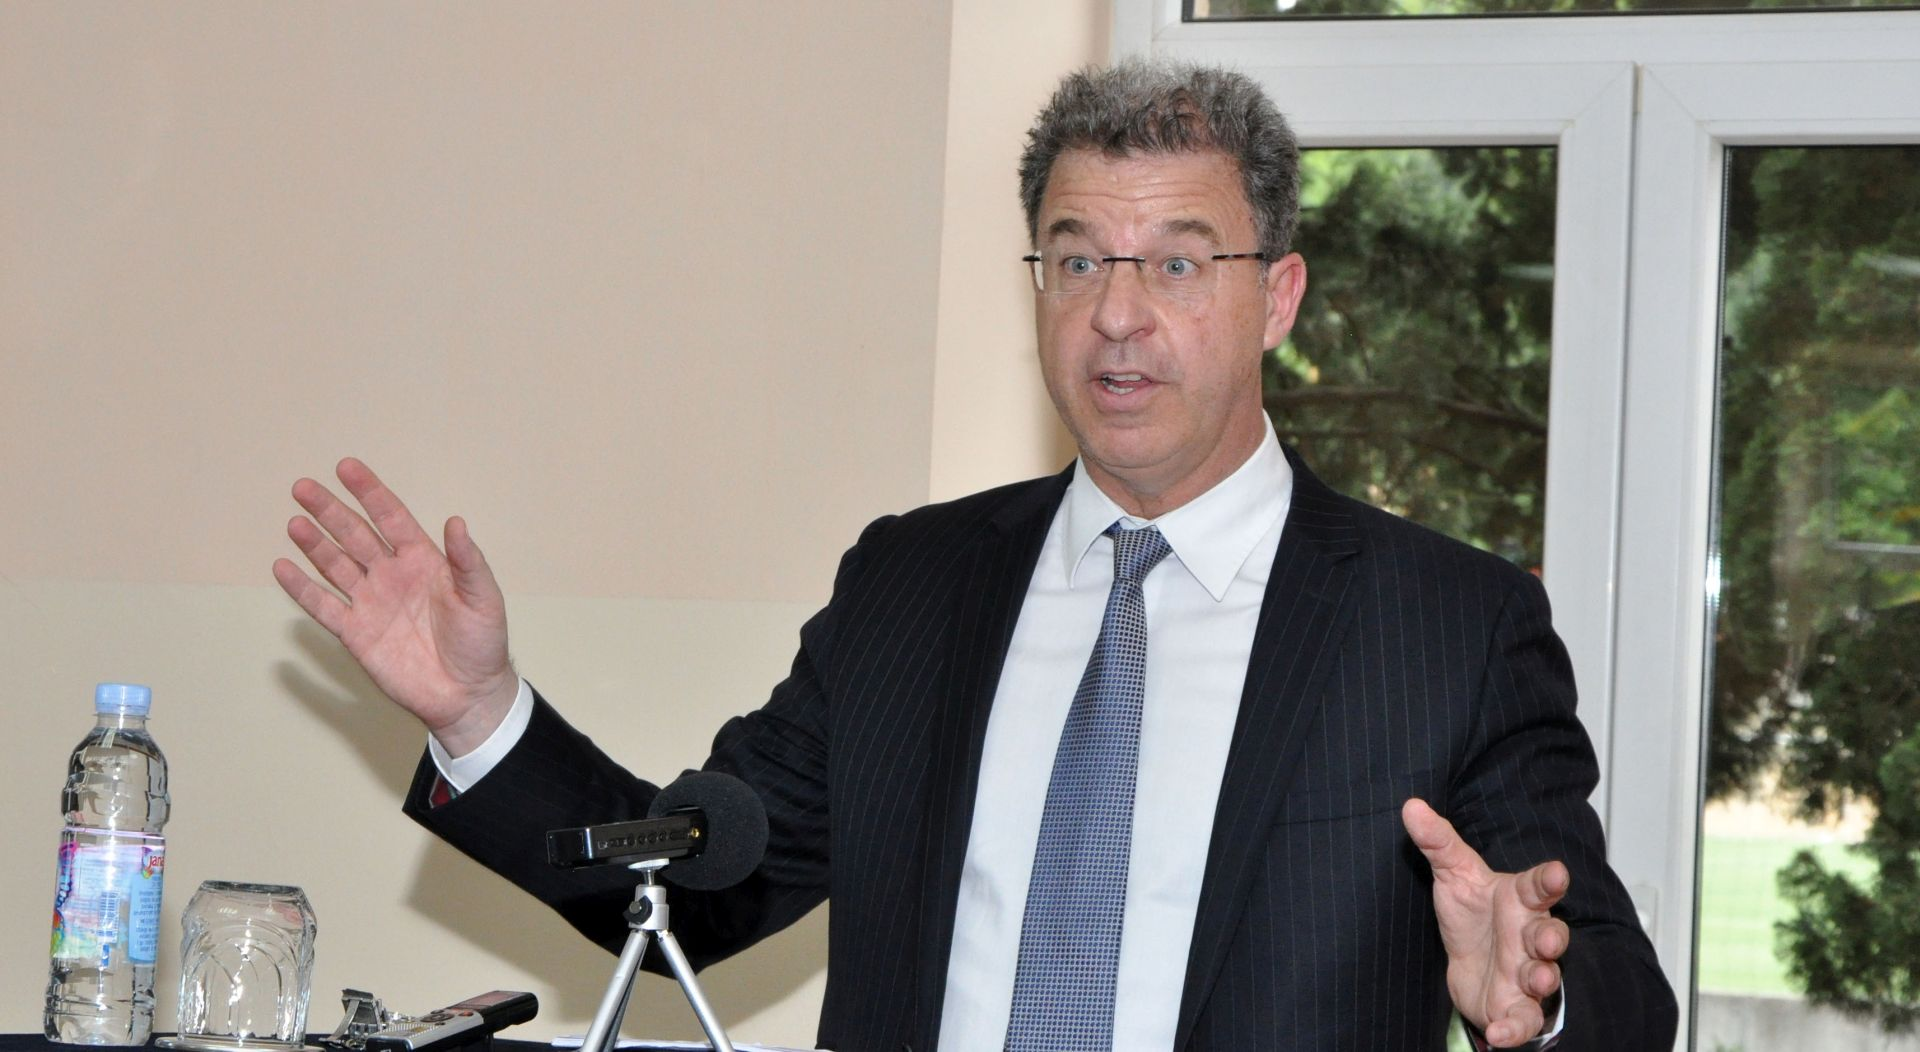 Brammertz misli da se u regiji opstruira procesuiranje visokorangiranih počinitelja ratnih zločina